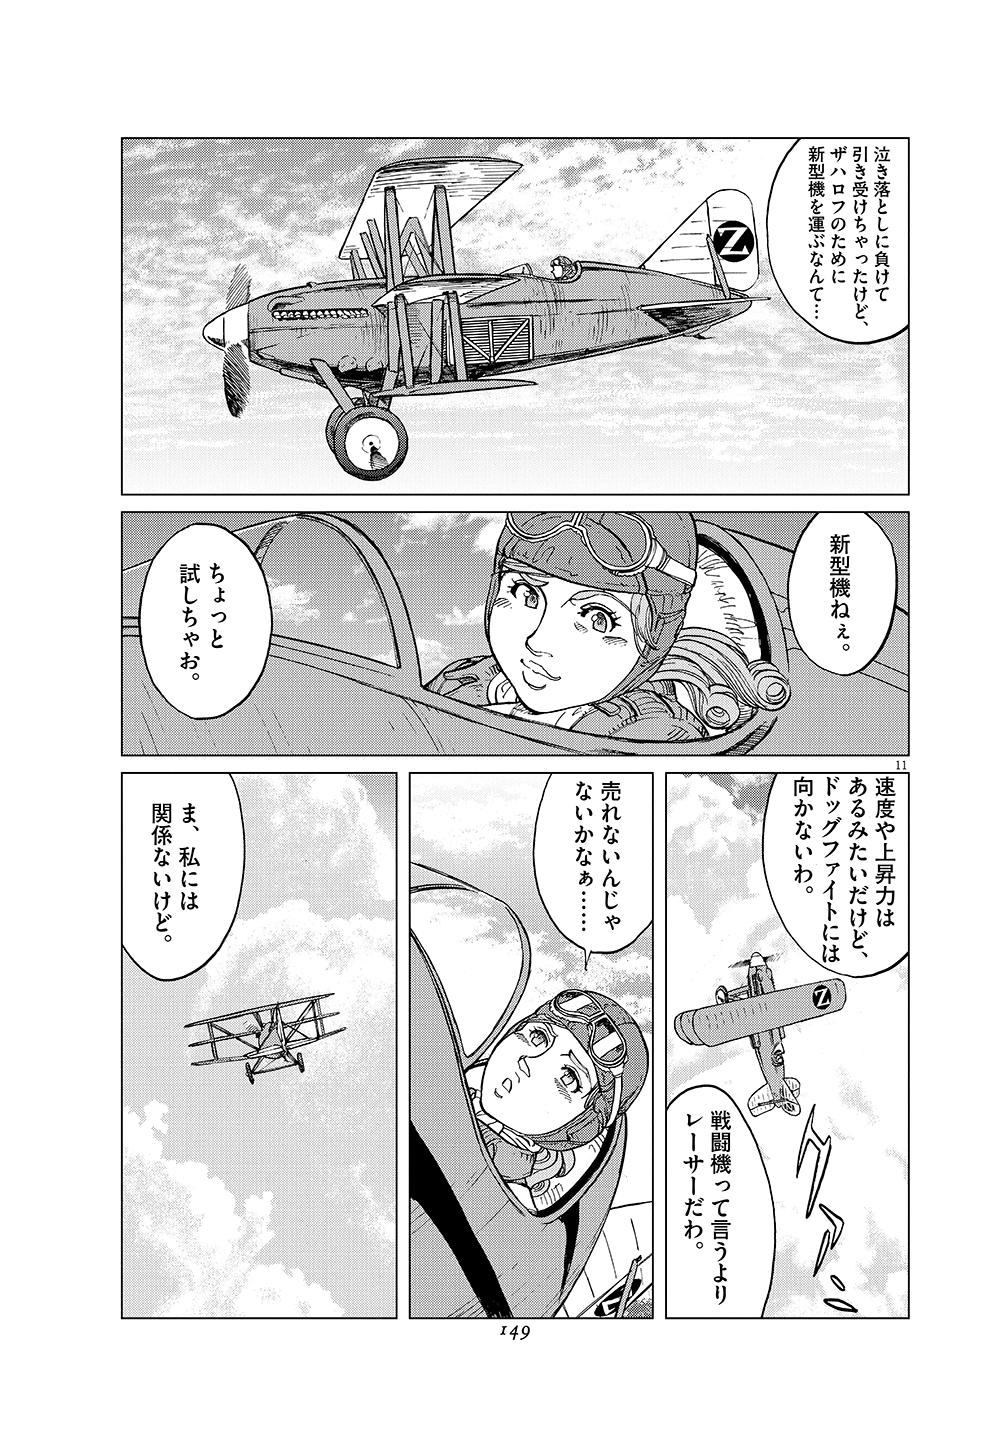 女流飛行士マリア・マンテガッツァの冒険 第十九話11ページ目画像